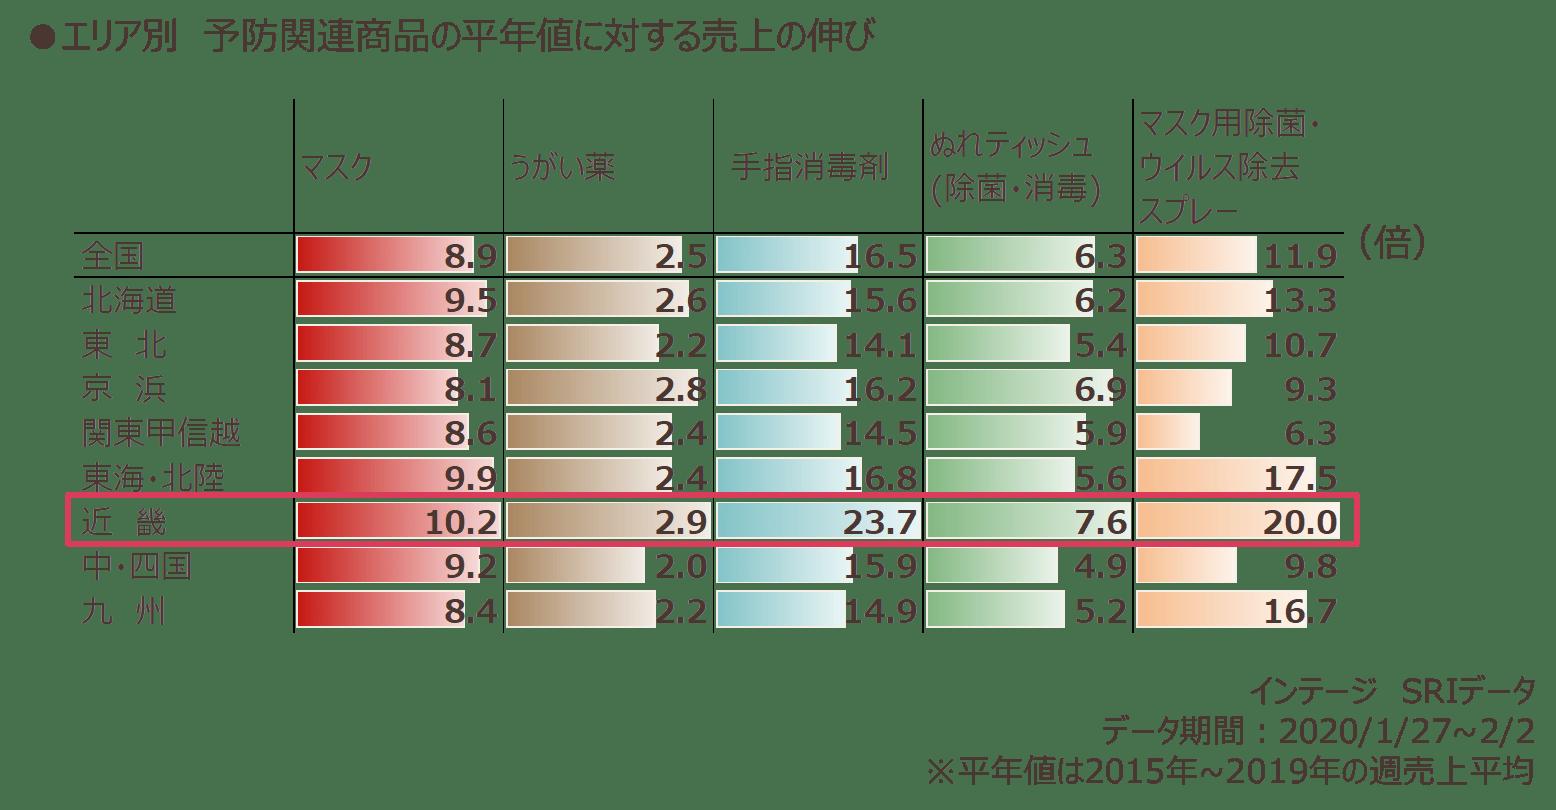 エリア別 予防関連商品の平年値に対する売上の伸び